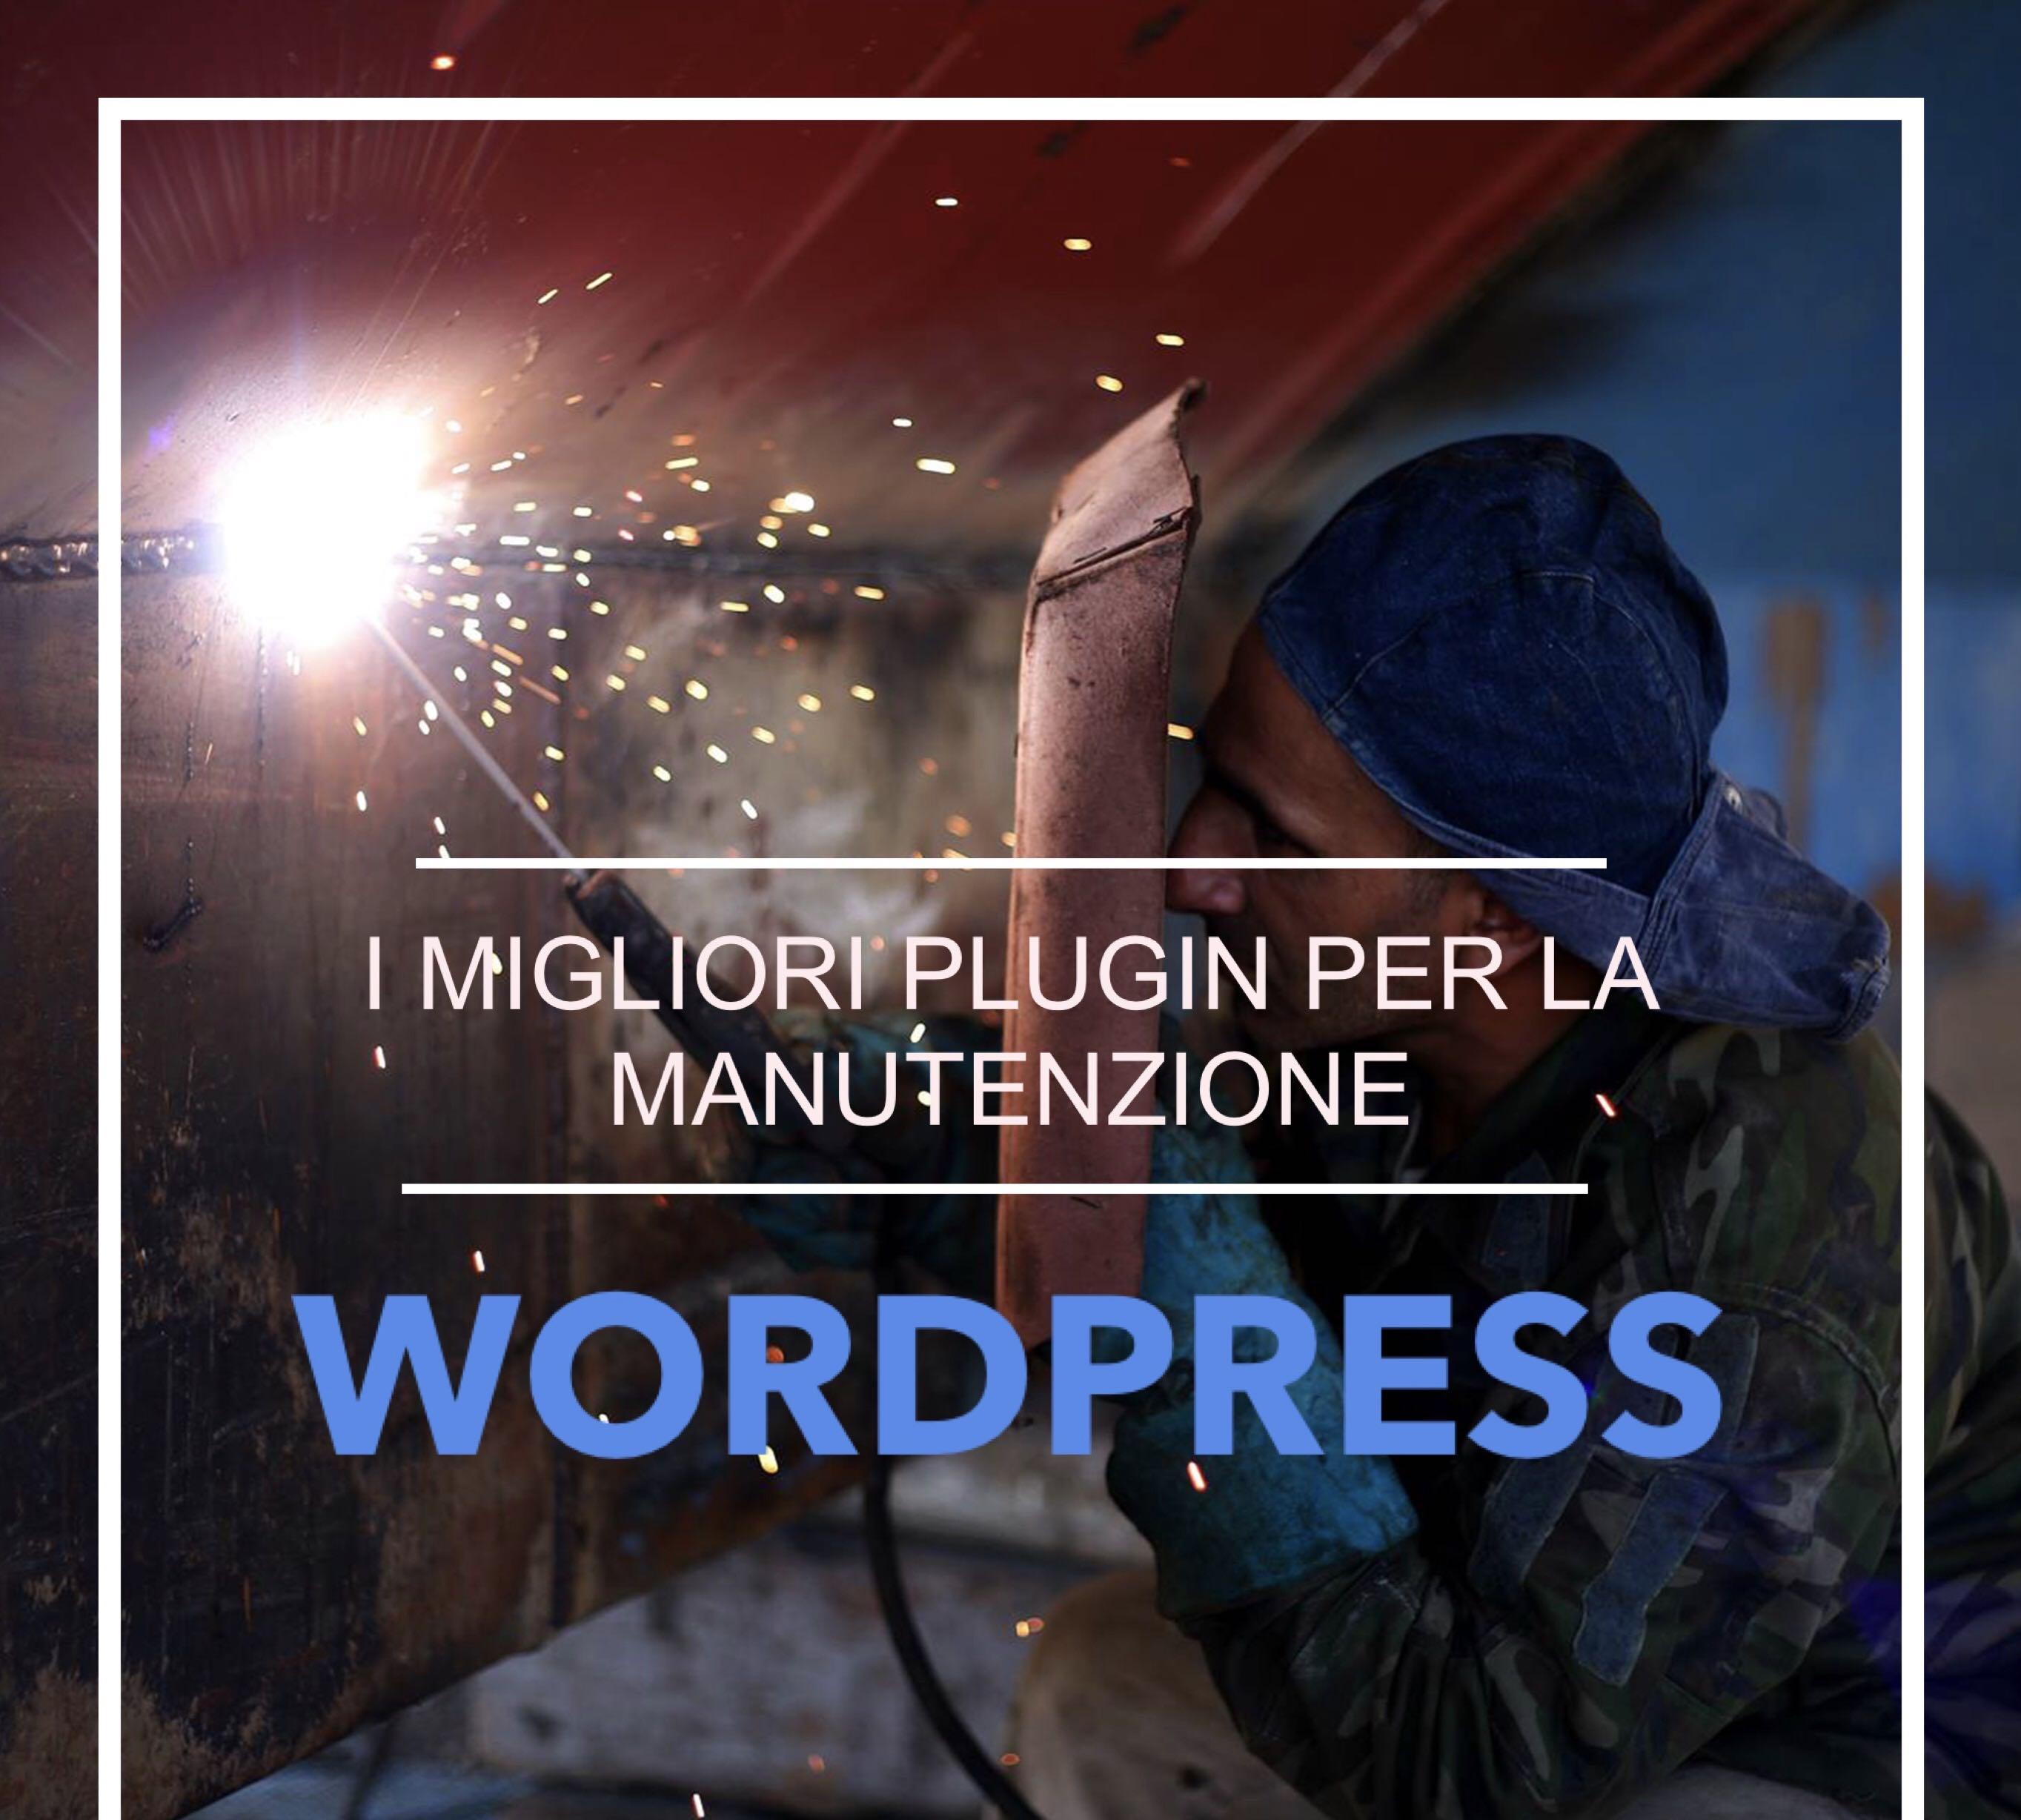 I migliori plugin per la messa in manutenzione del sito WordPress